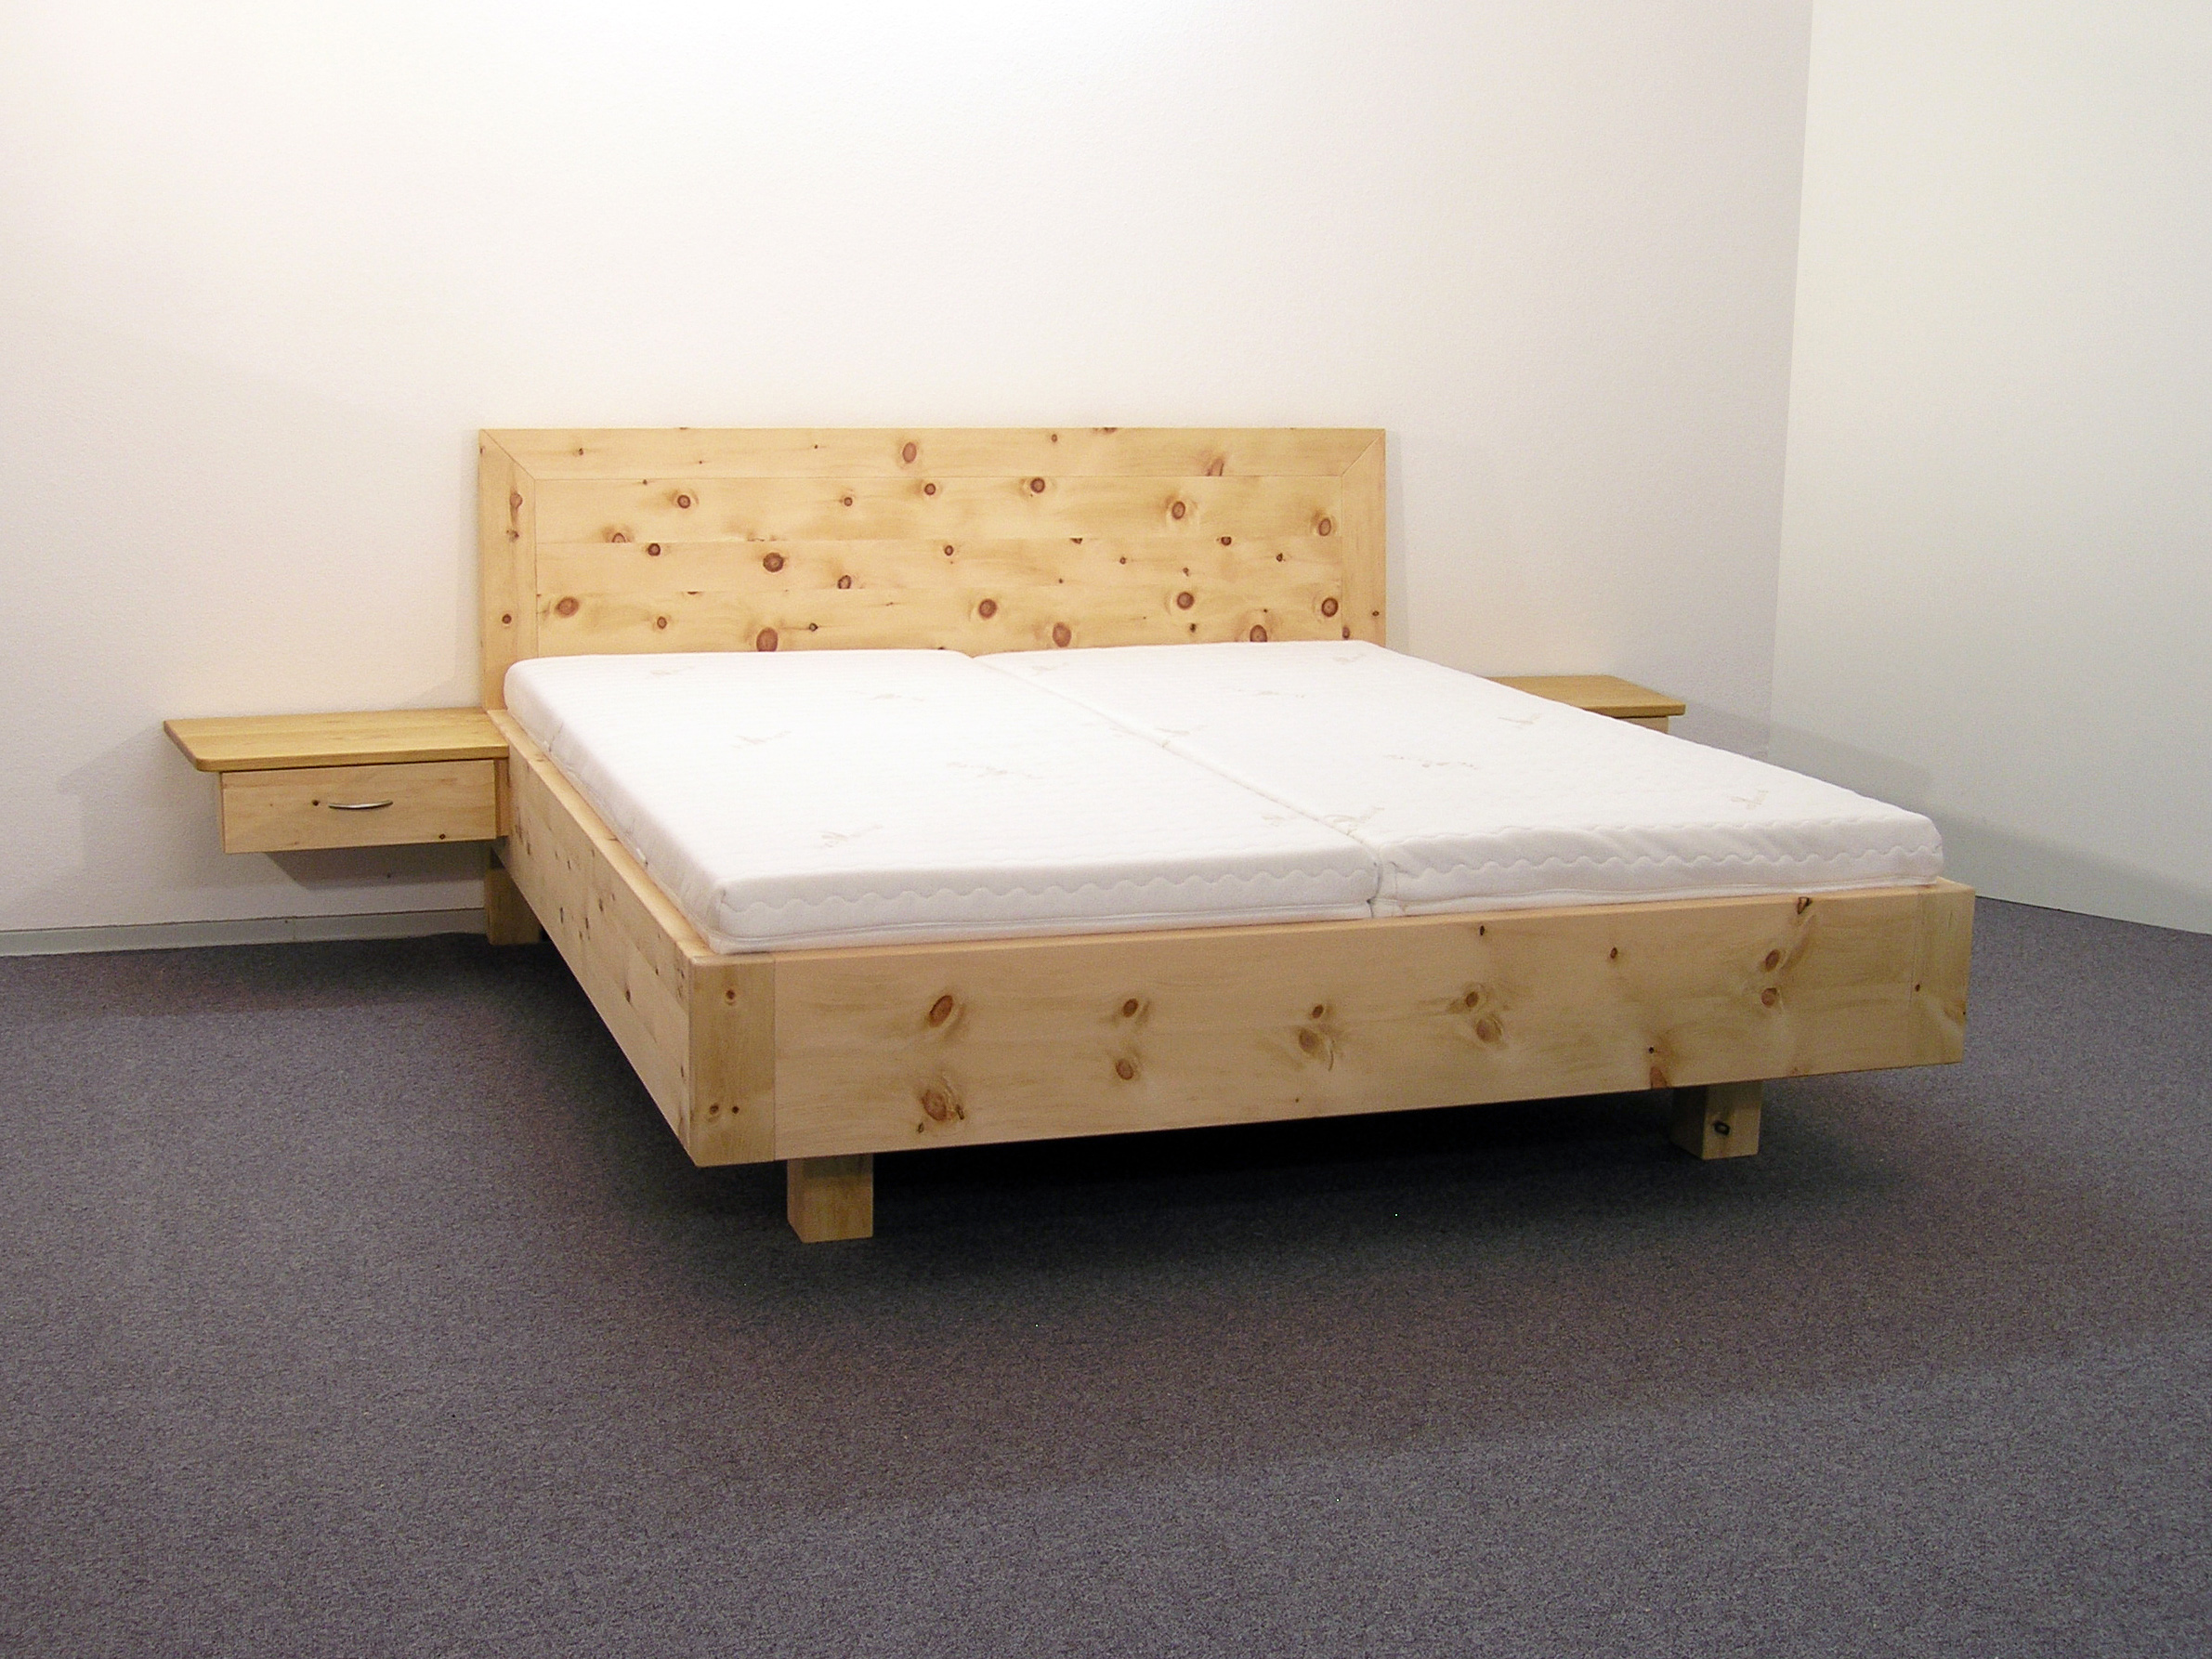 Abb.: Doppelbett Kranzhorn, Zirbenbett-Variante mit freischwebend angesetzten Nachttischen mit Schubladen, Fußbereich auf zurückgesetzten Bettfüßen - Original Steiner Zirbenbett